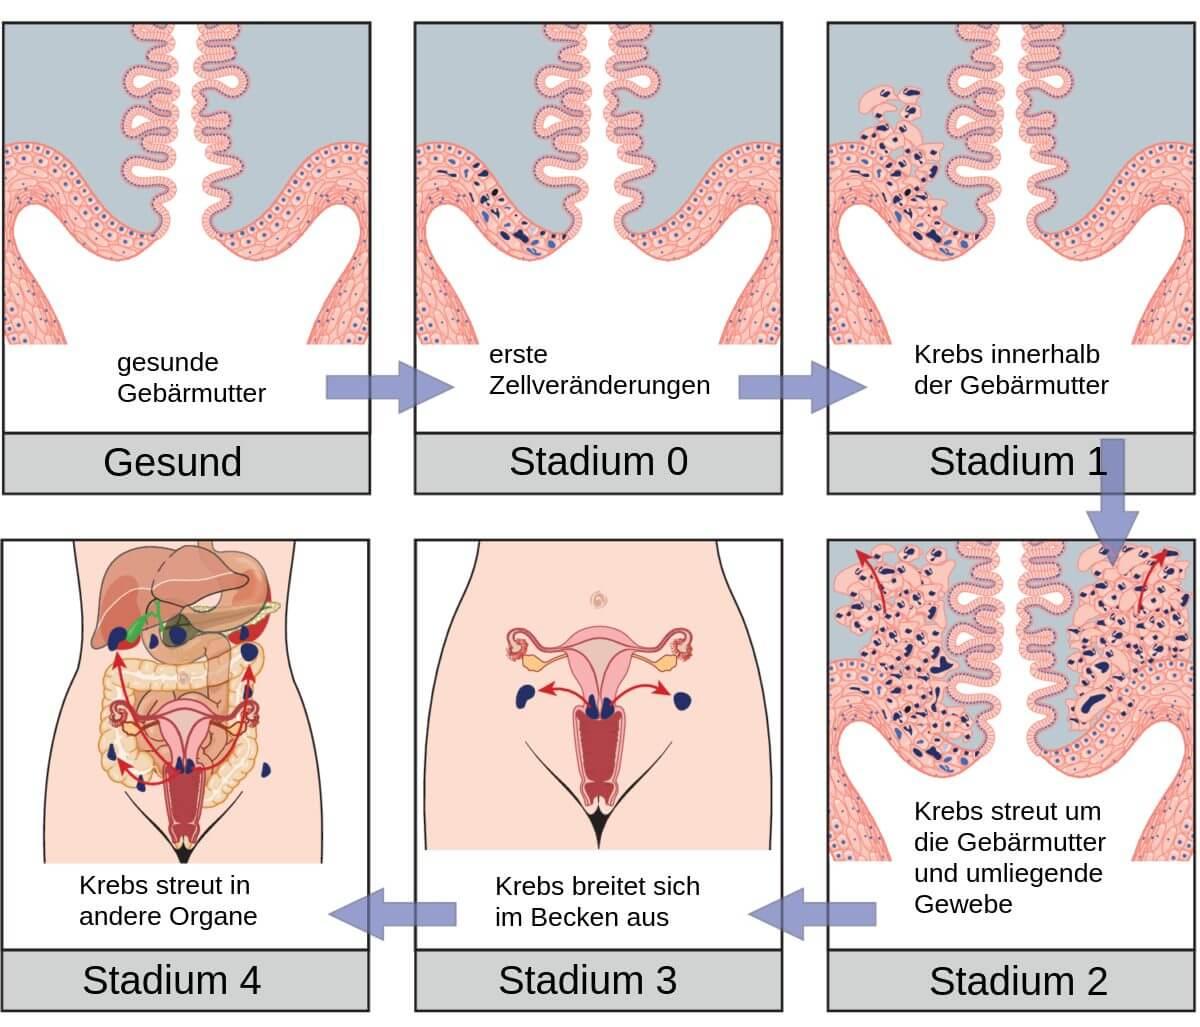 Gebärmutterkrebs 22 Symptome Und Anzeichen Was Tun